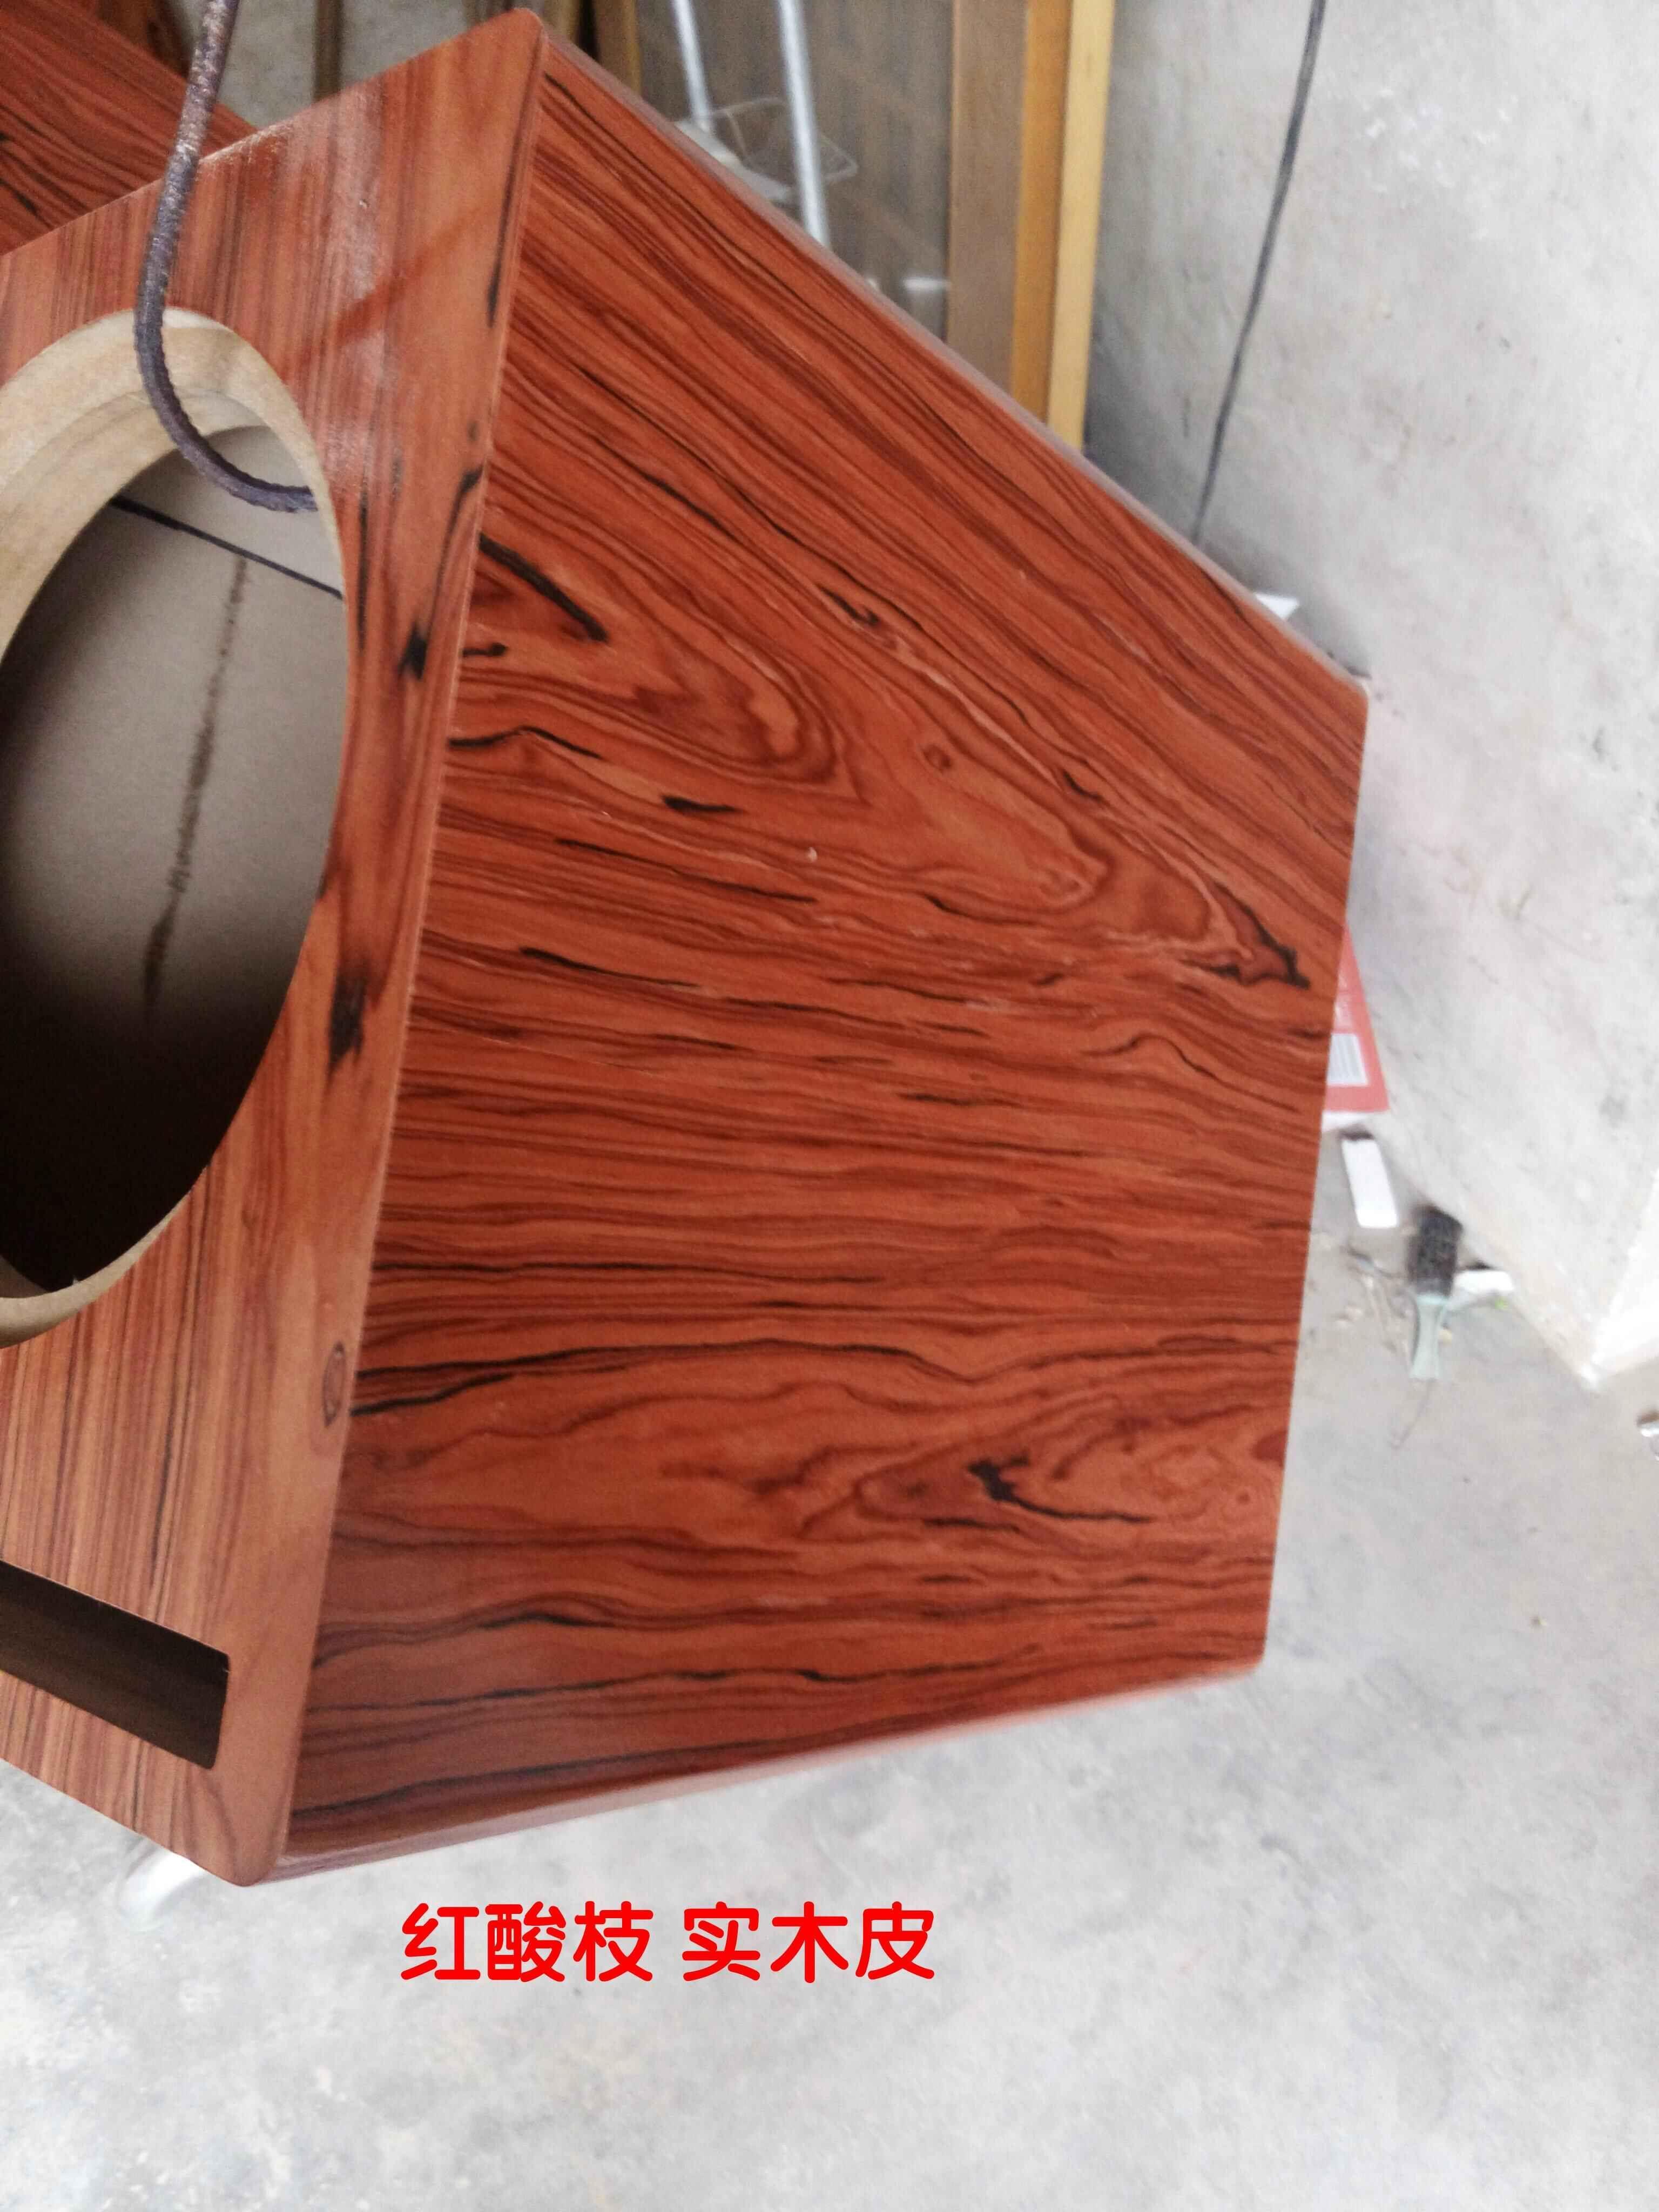 Des canons 456.58101215 pouces de fréquence audio de haut - parleur basse de cadre sur la boîte vide personnalisé